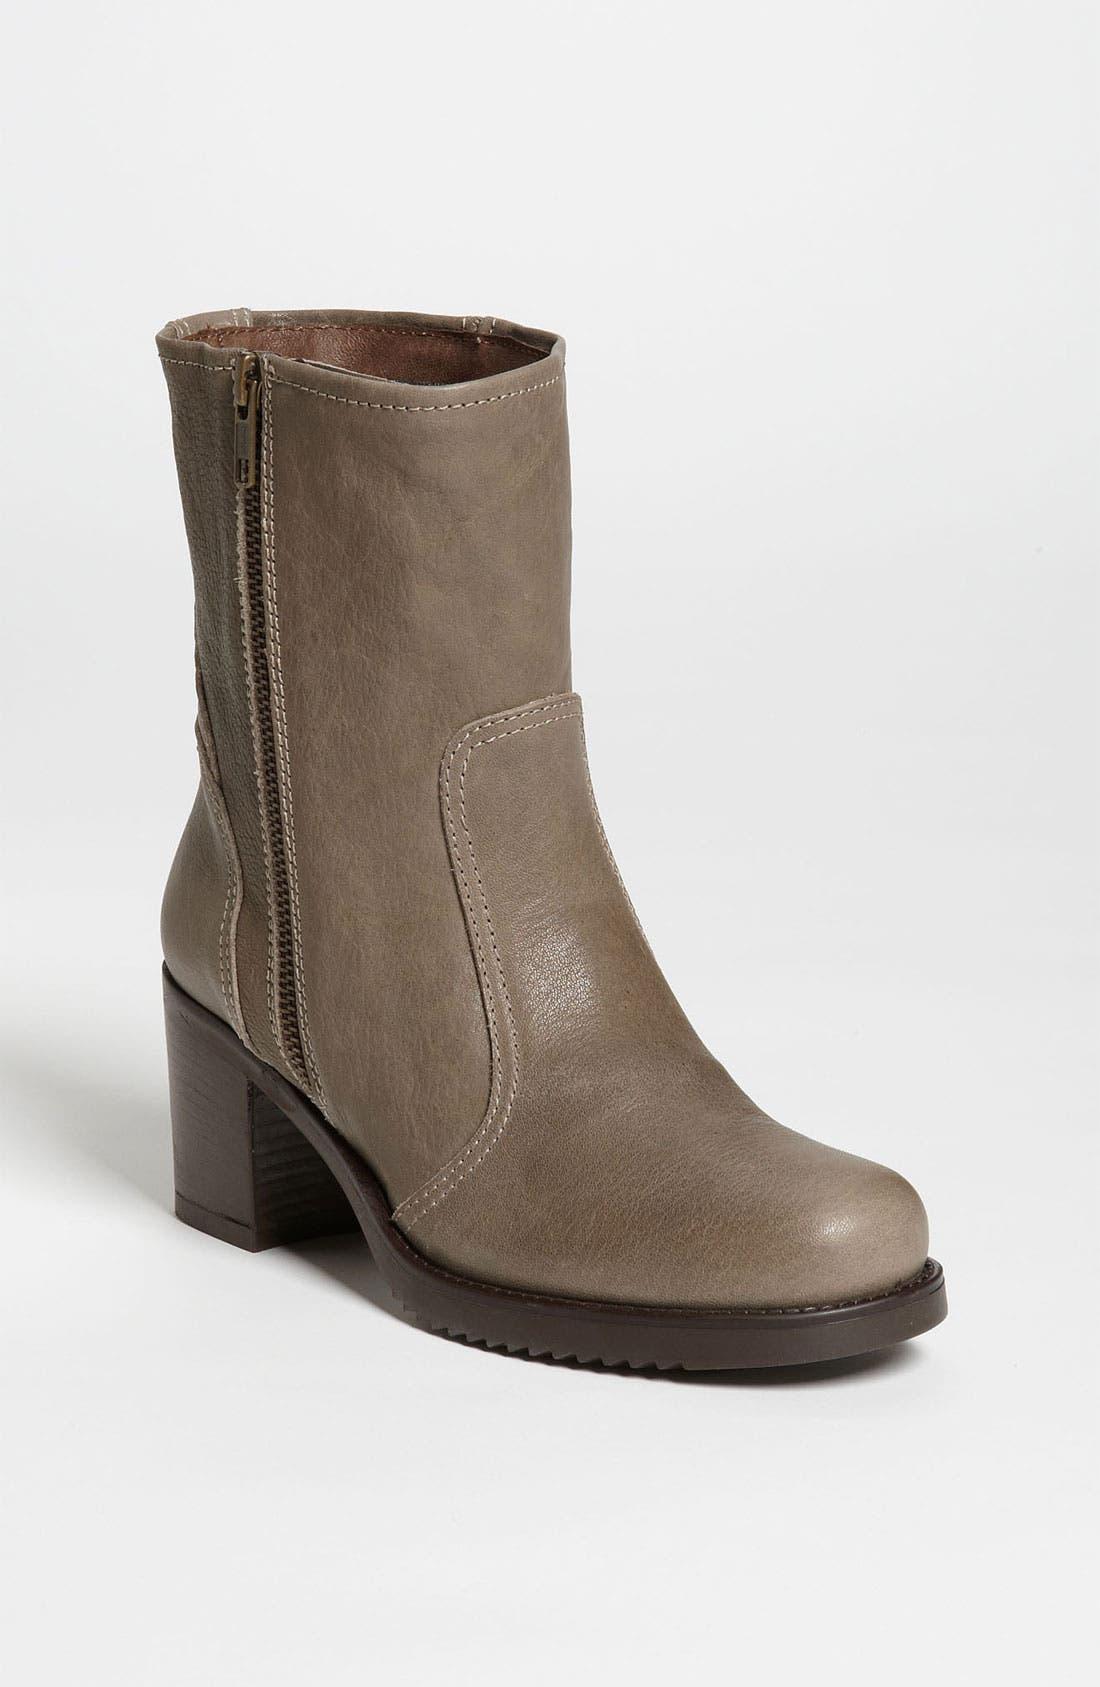 Main Image - Ilenia P. Side Zip Boot